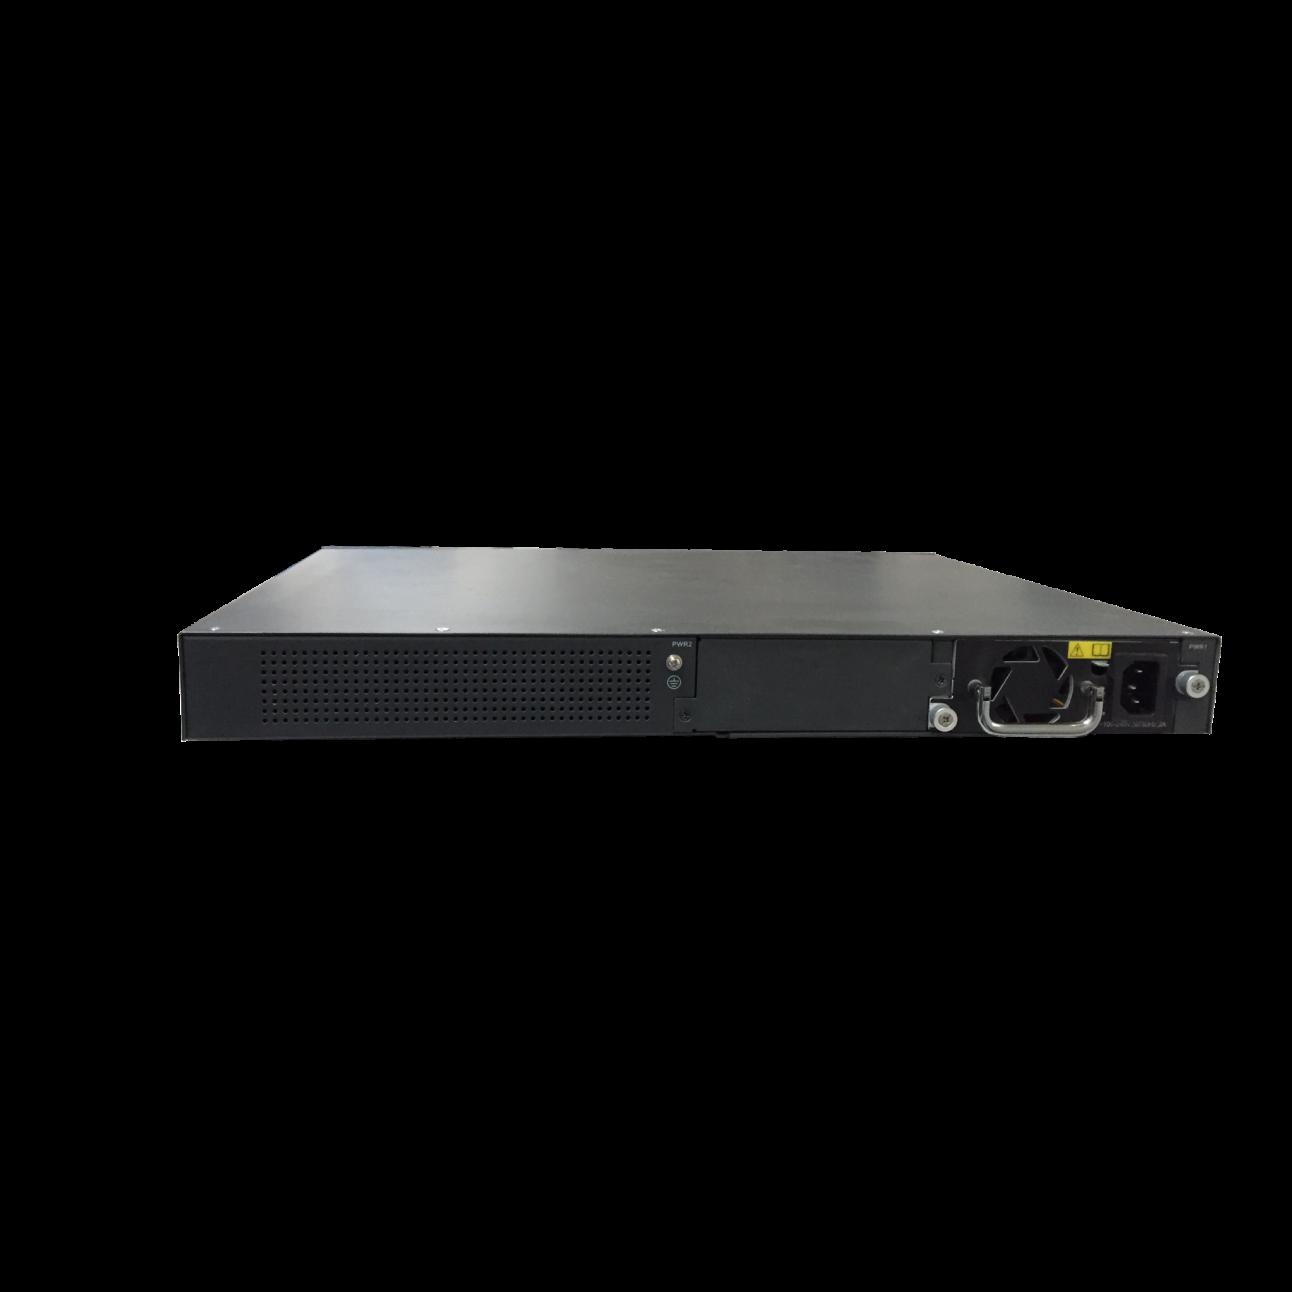 Управляемый коммутатор уровня 3 BDCOM S3740F